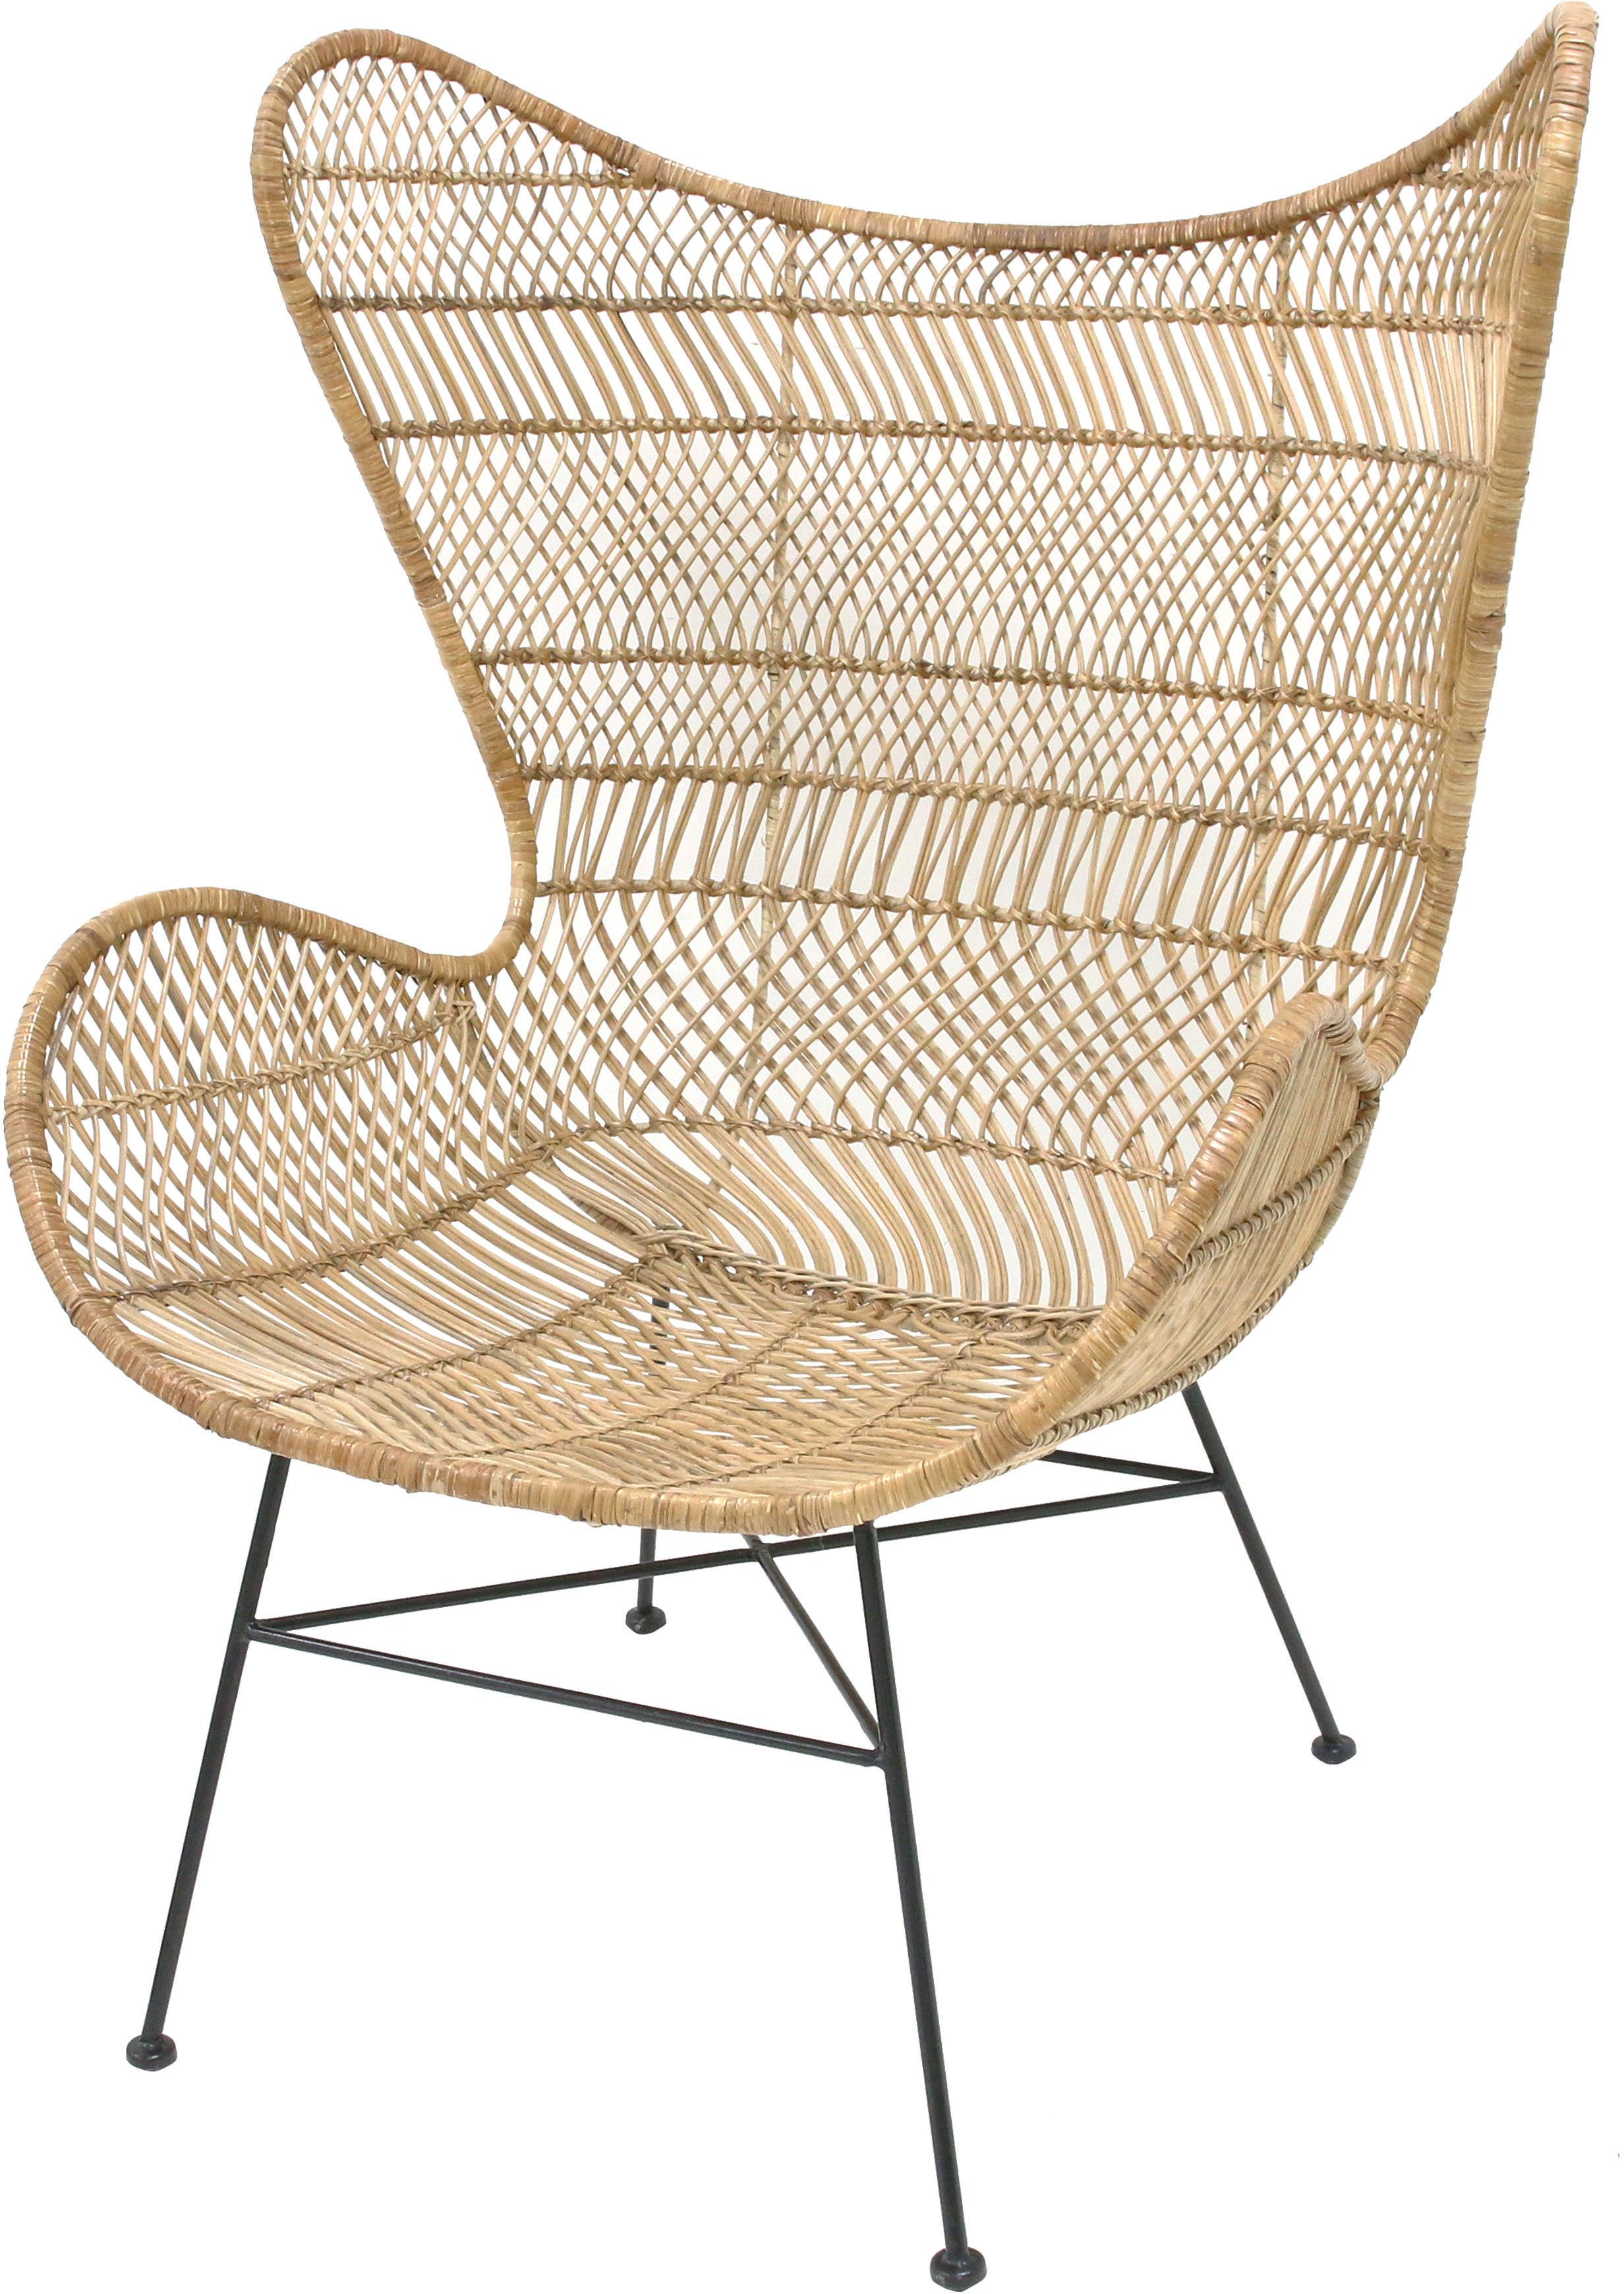 Fotel rattanowy w stylu boho naturalny MZM4624 HK Living ręcznie pleciony rustykalny fotel z rattanu